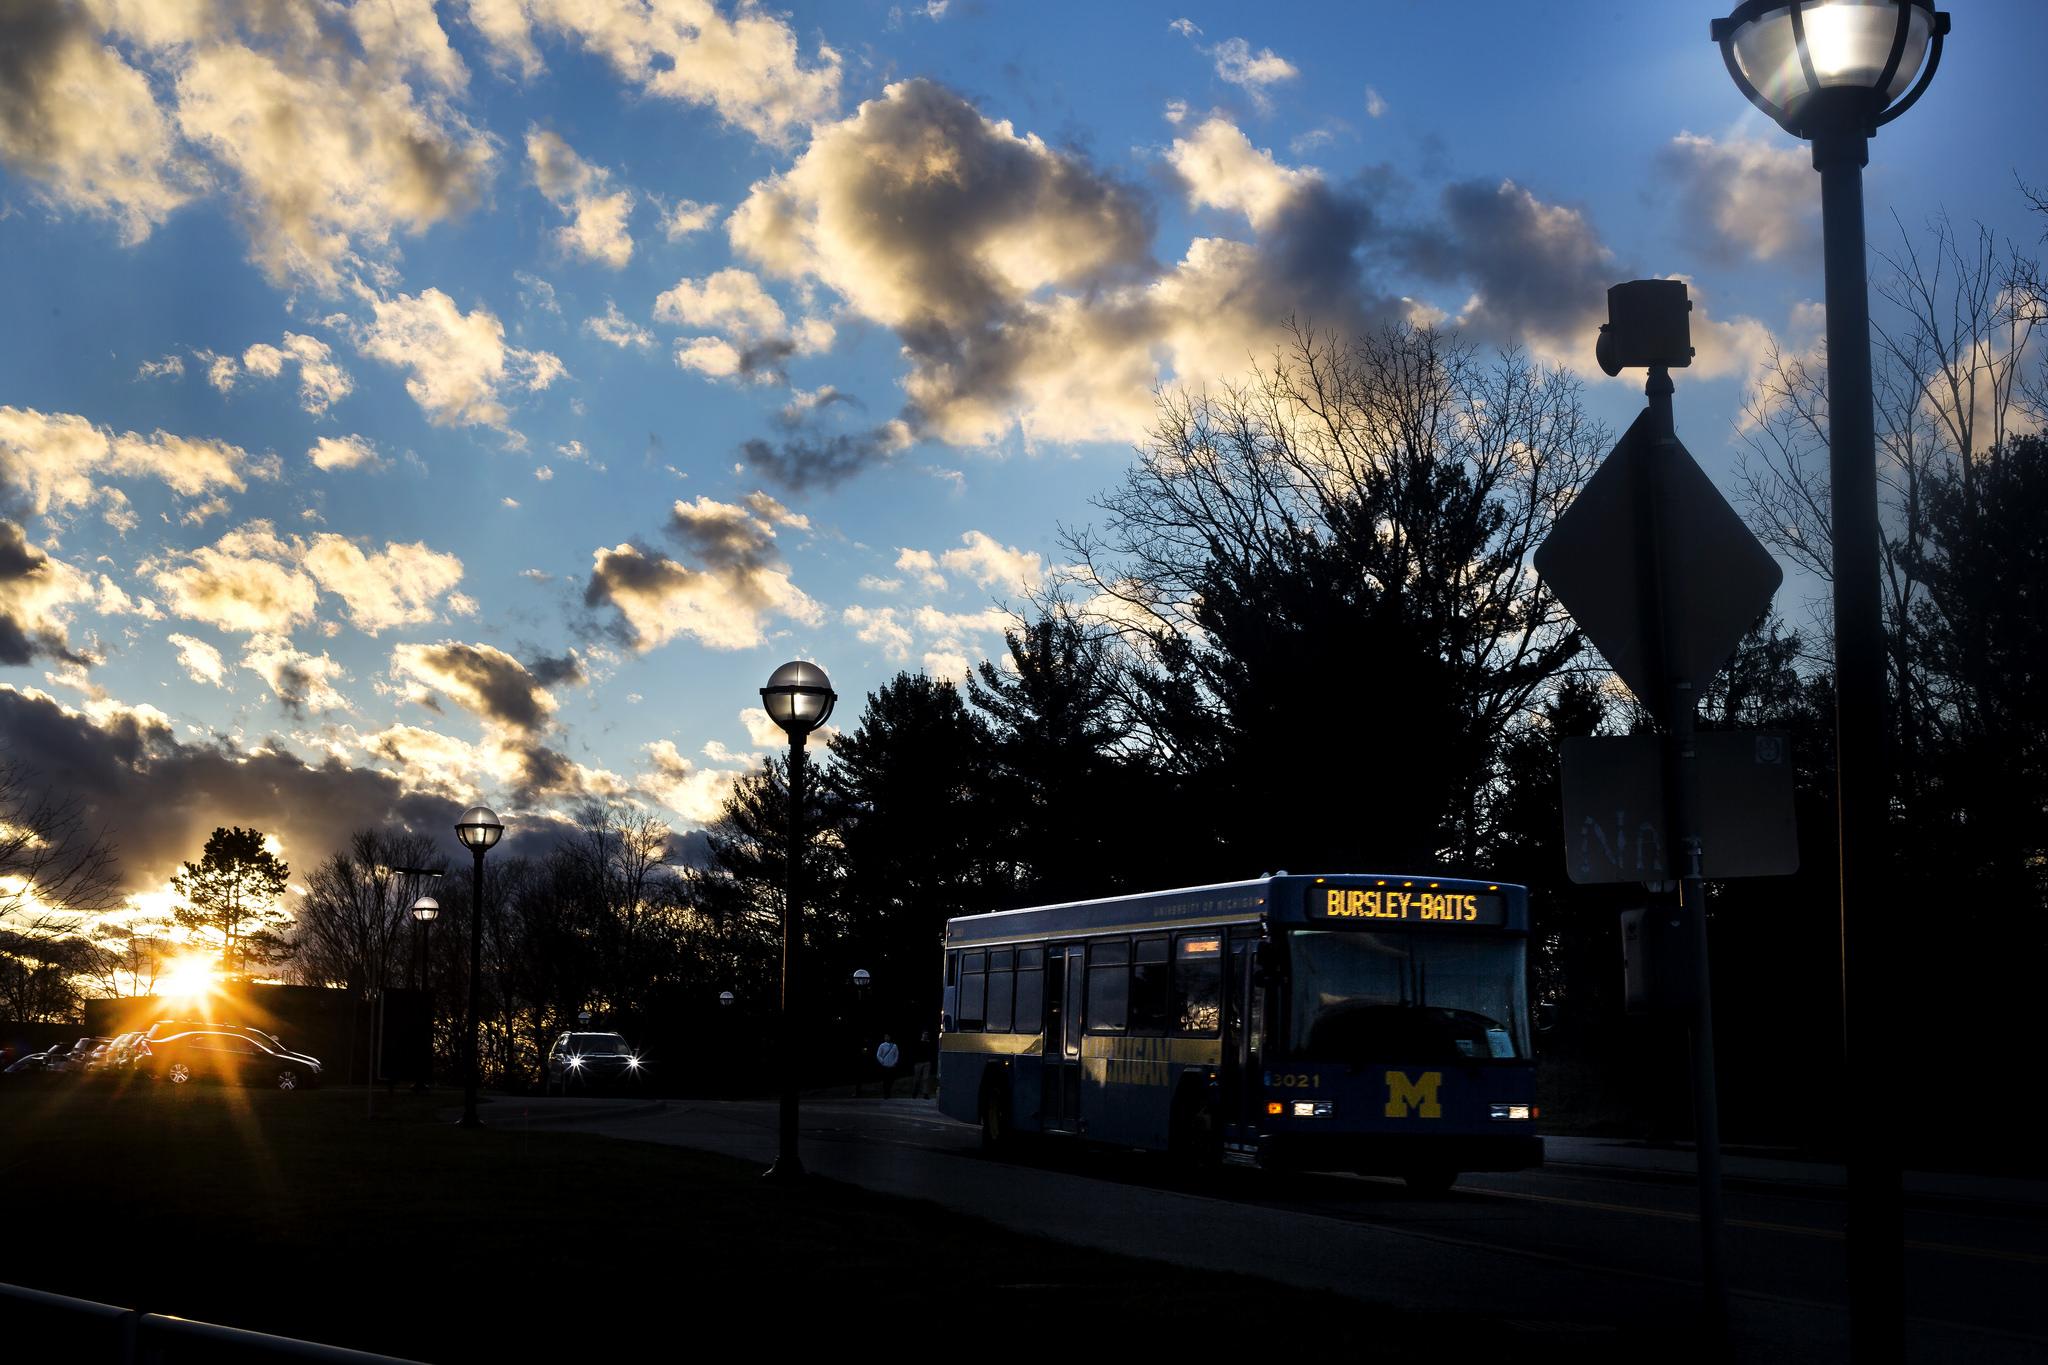 A photograph of the Bursley/Baits bus.